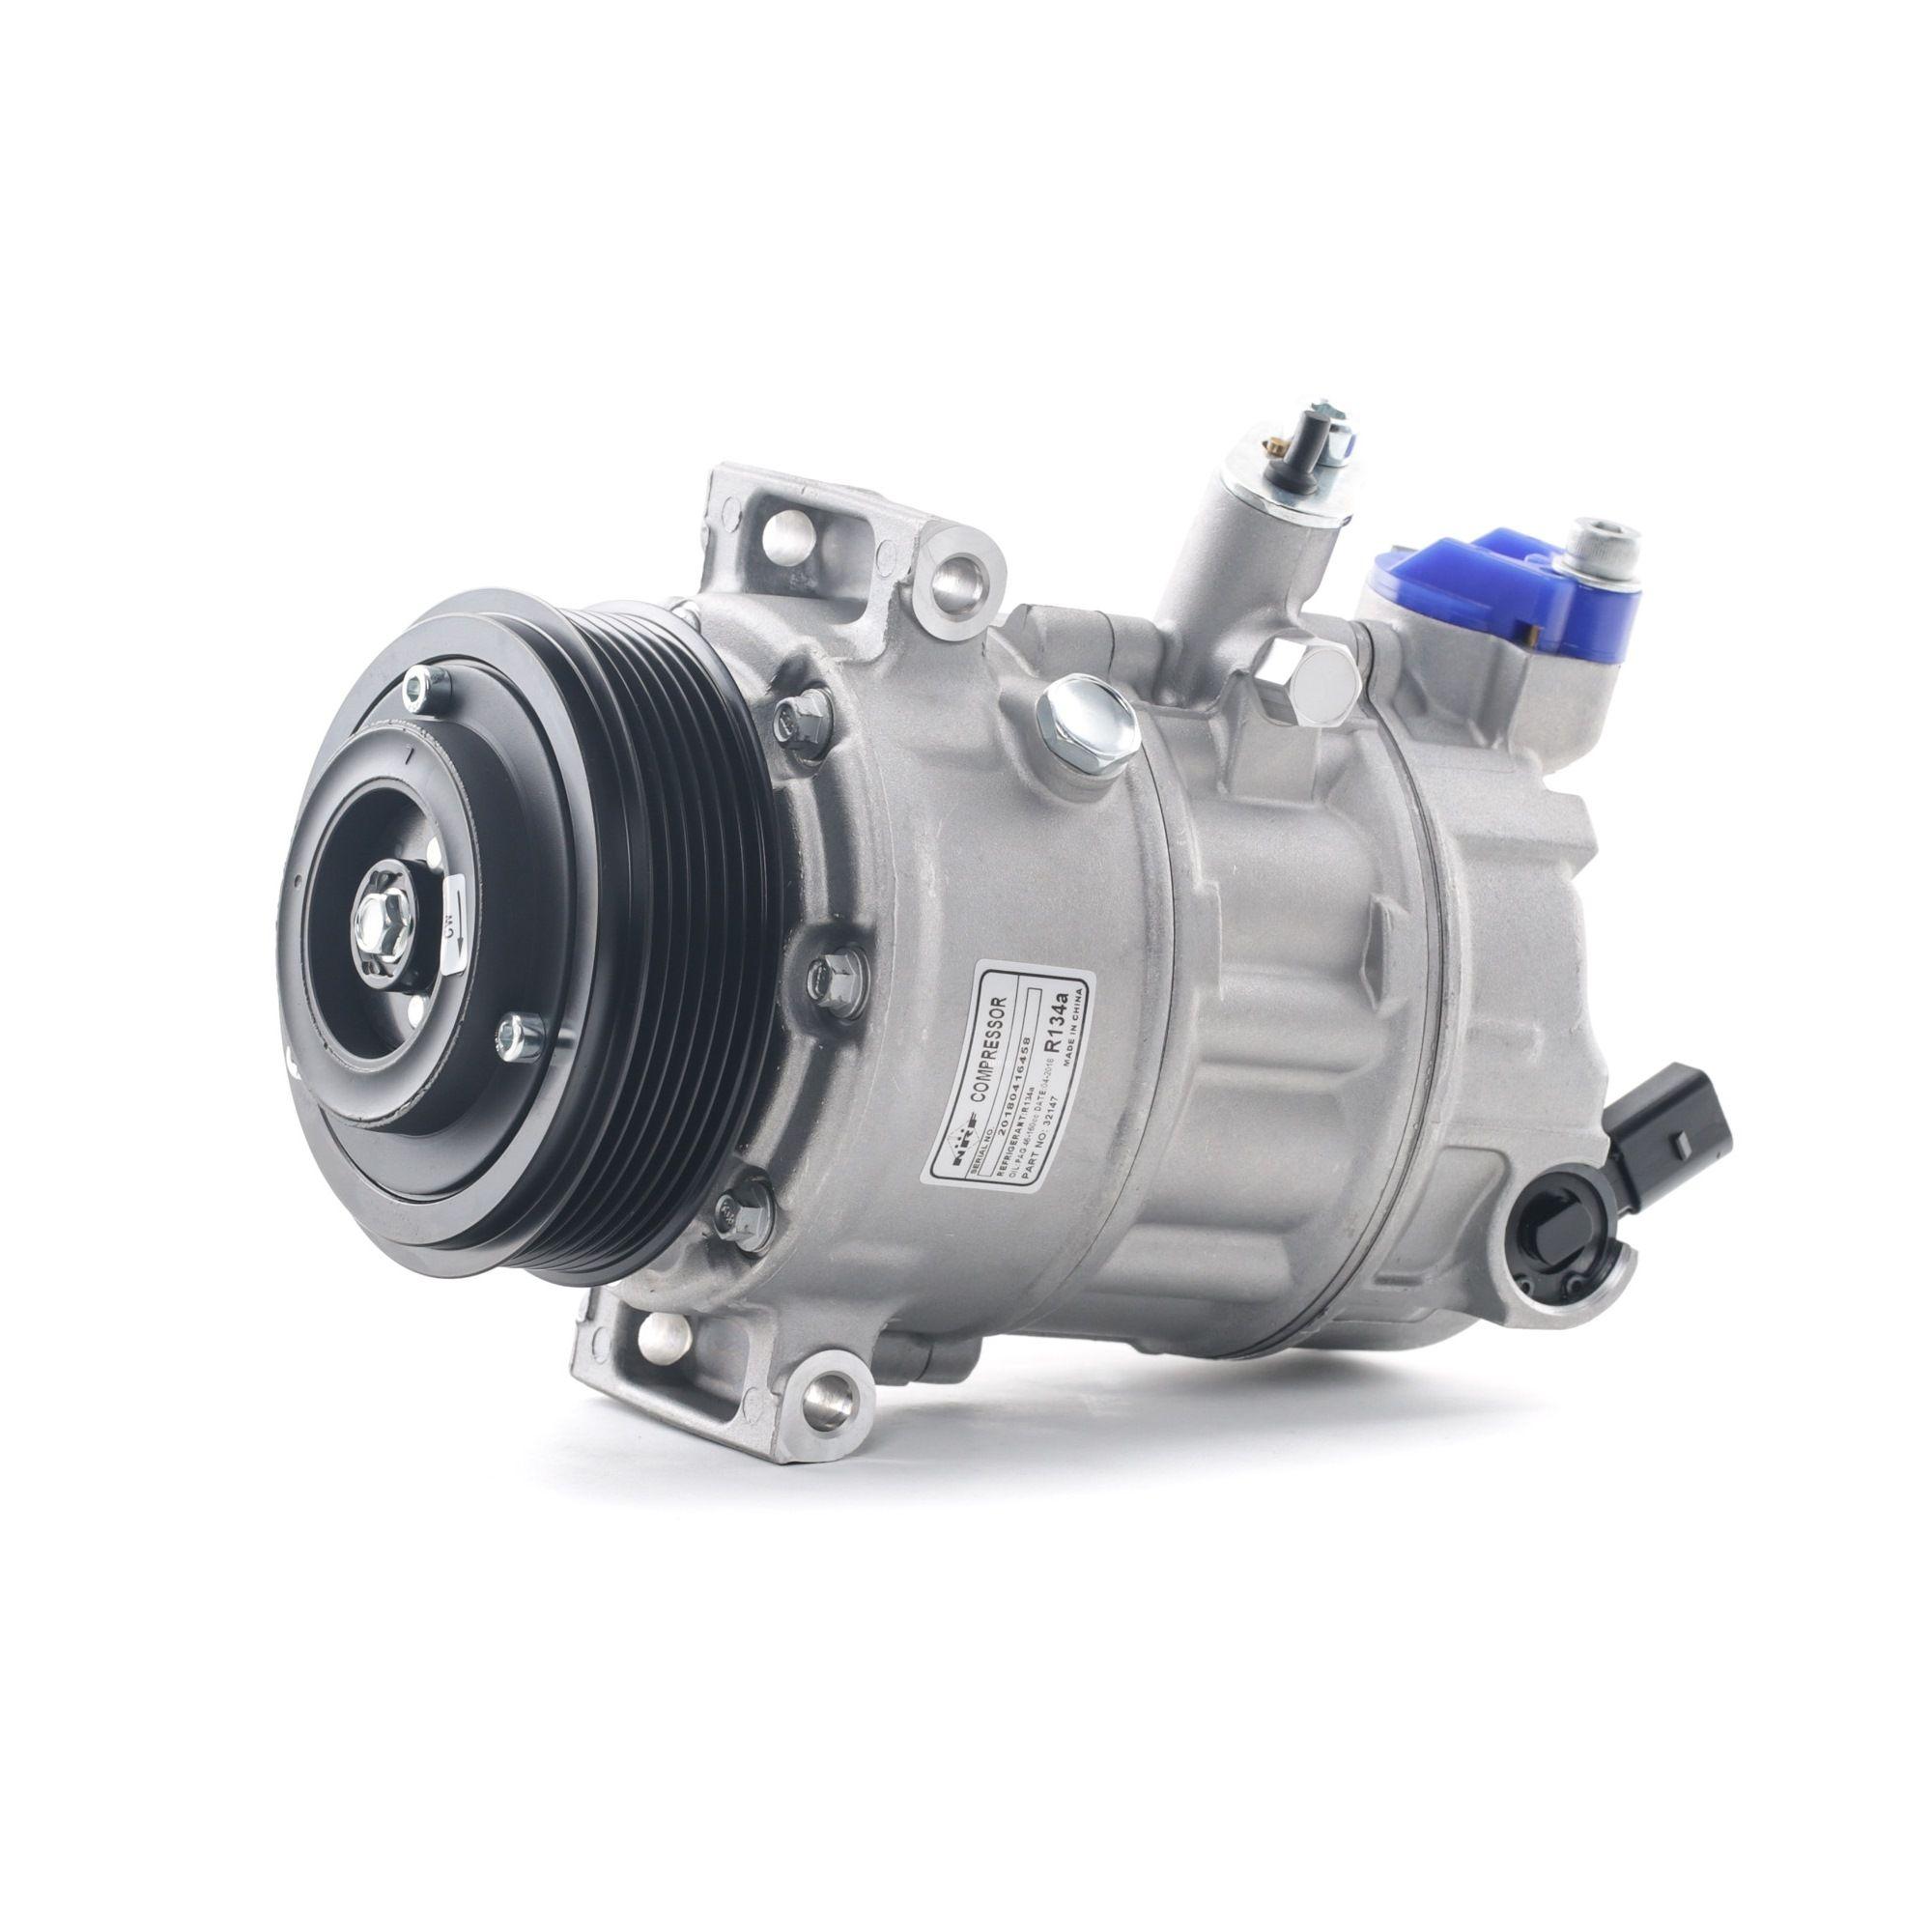 32147 NRF EASY FIT PAG 46, Kältemittel: R 134a, mit PAG-Kompressoröl Riemenscheiben-Ø: 110mm, Anzahl der Rillen: 6 Klimakompressor 32147 günstig kaufen